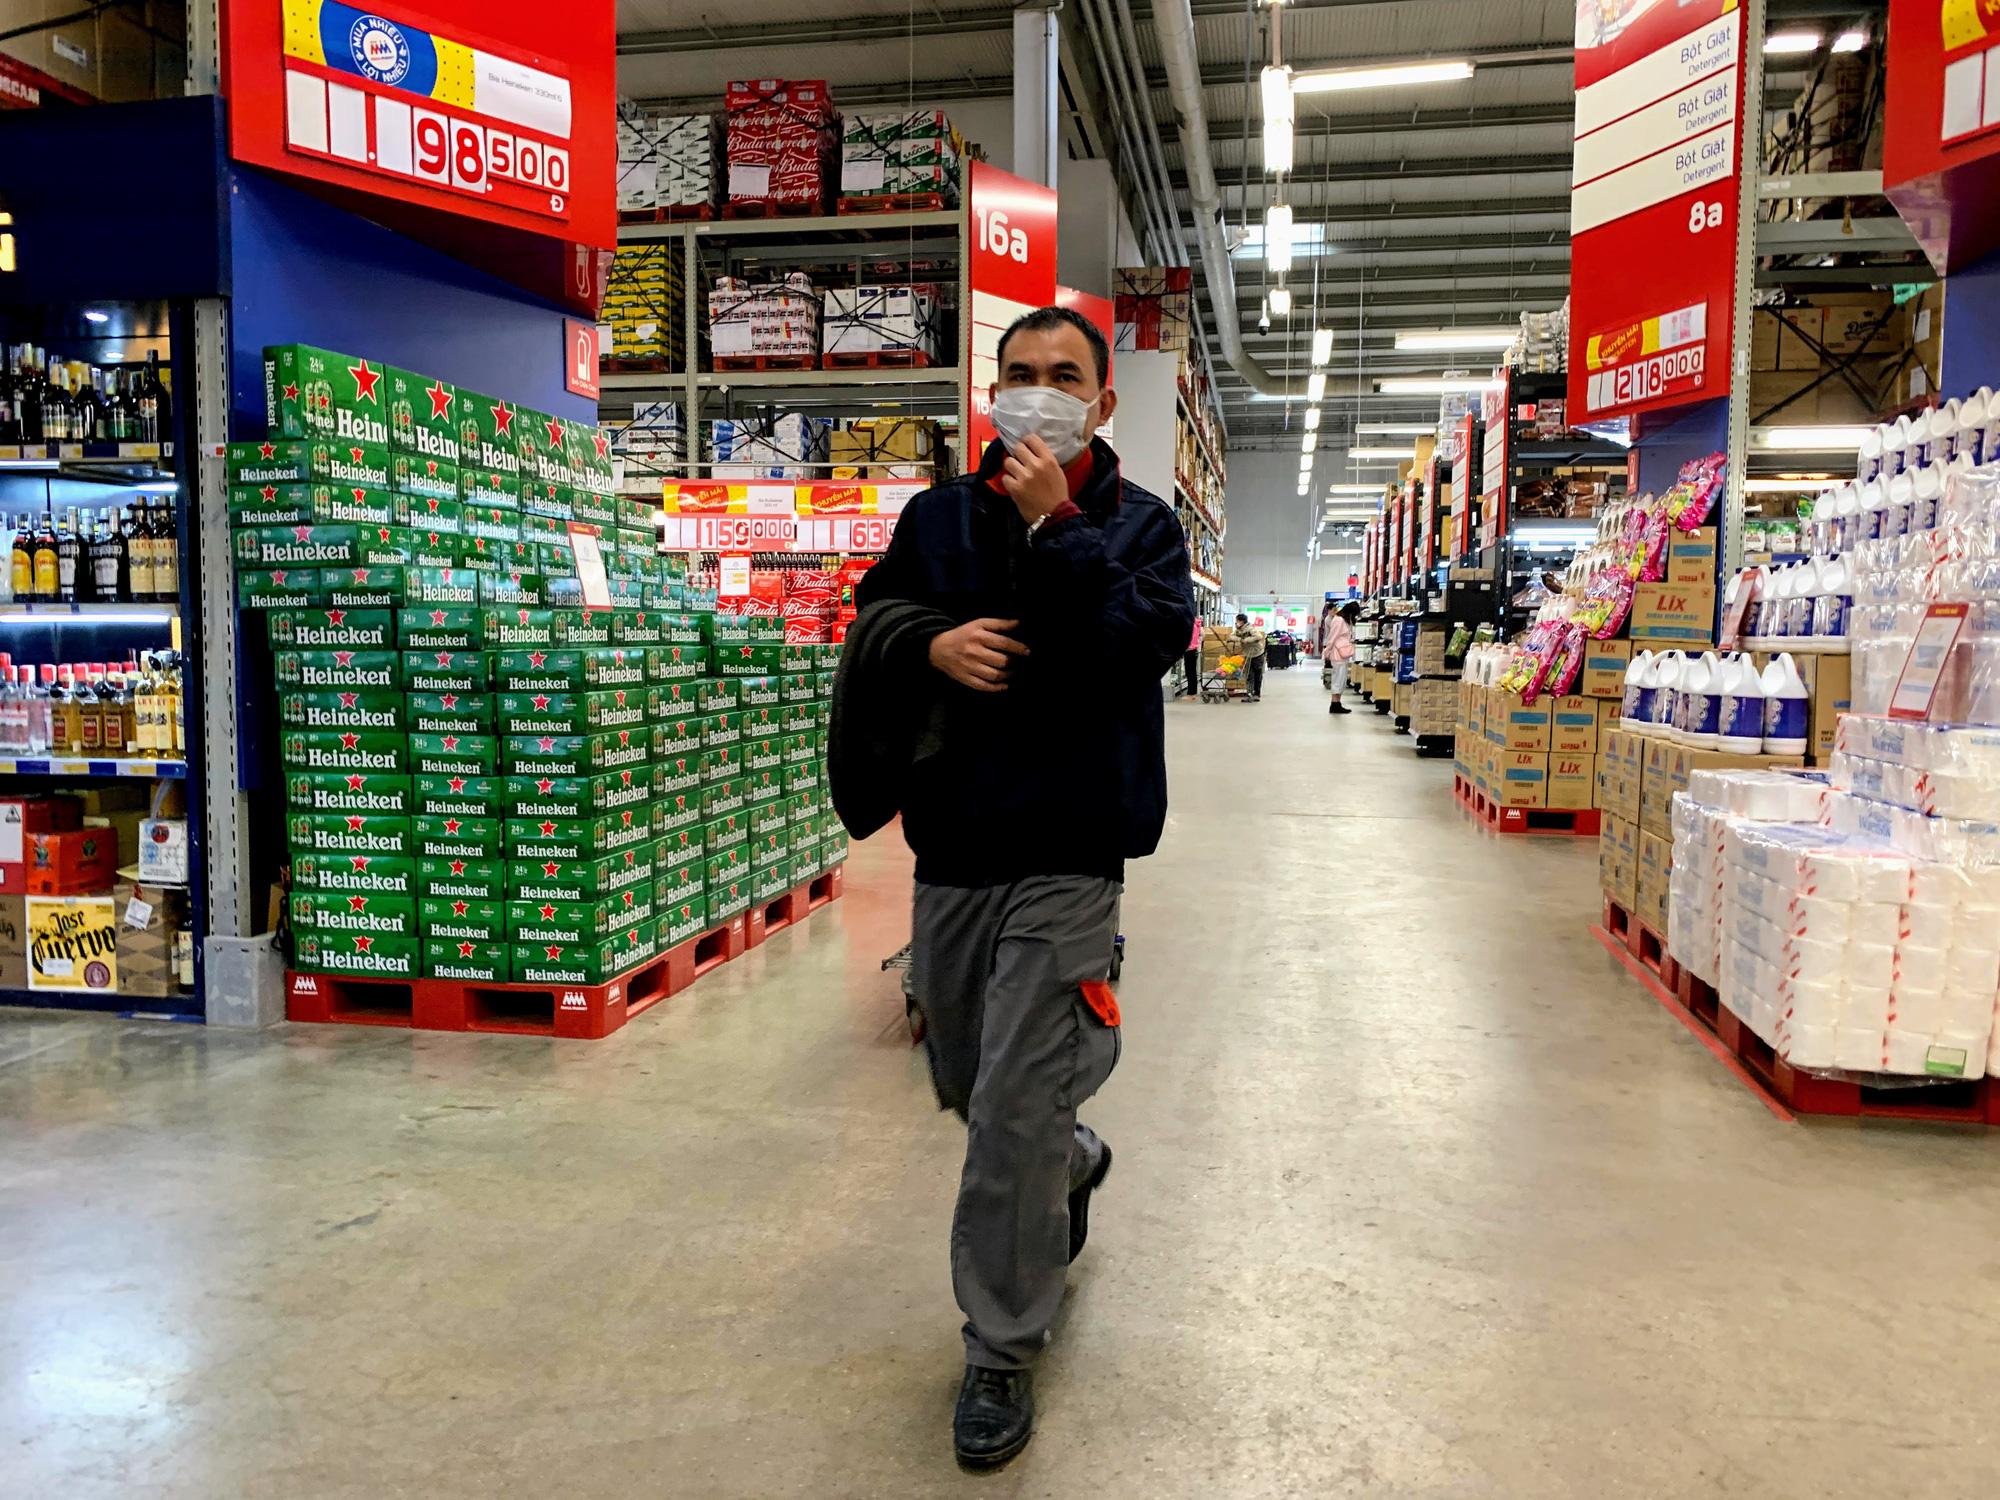 Siêu thị, trung tâm thương mại ở Hà Nội vắng tanh không một bóng người trước đại dịch virus corona - Ảnh 7.